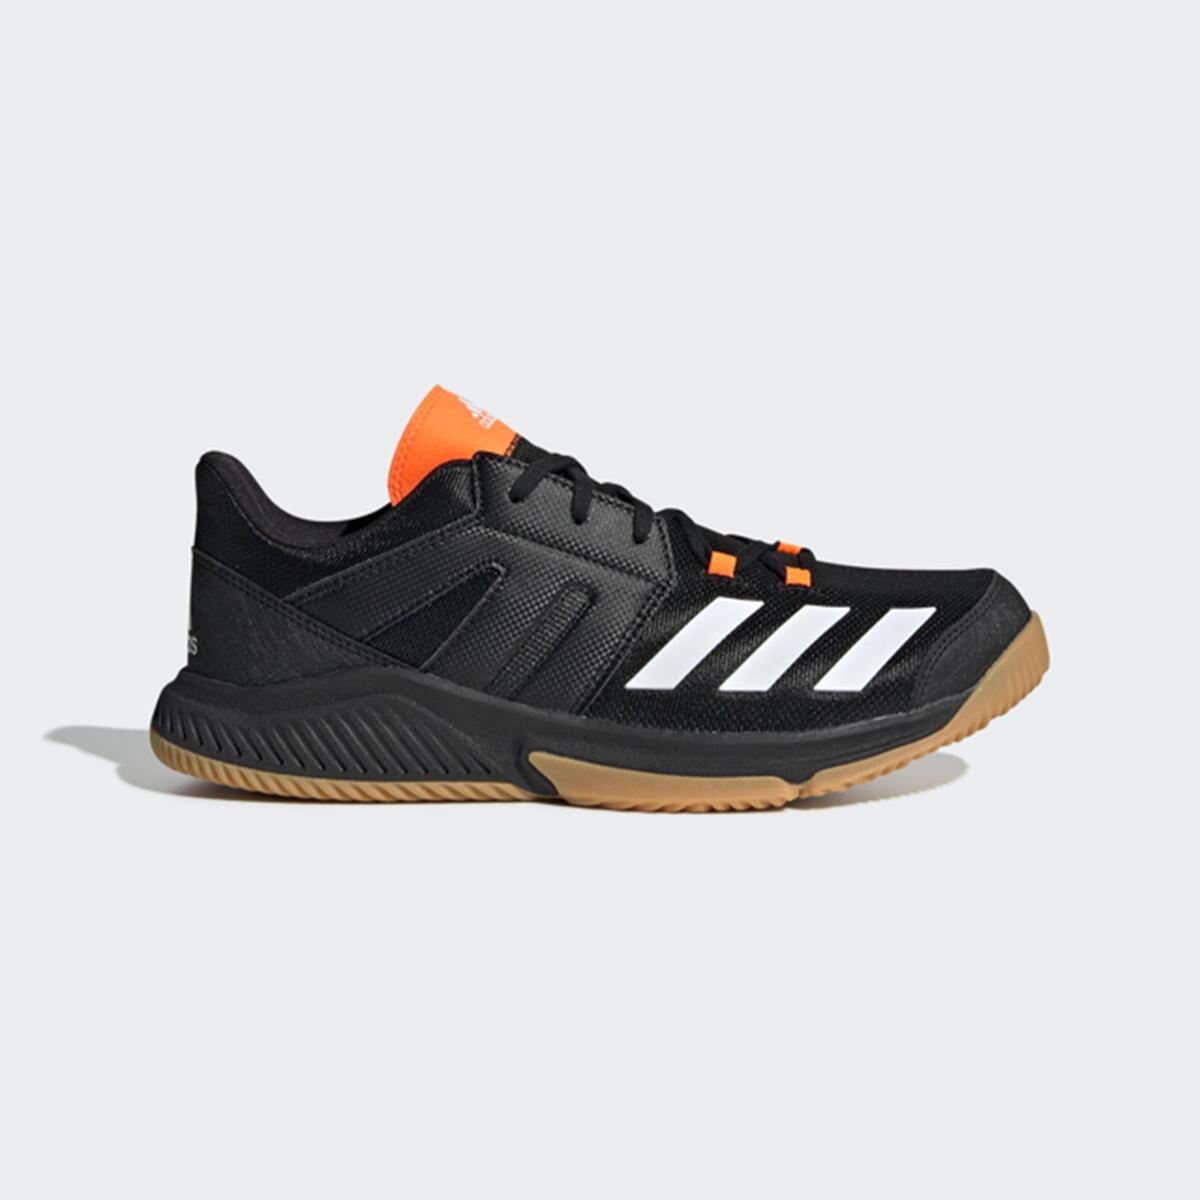 Bild 1 von Handballschuhe Essence Erwachsene schwarz/orange